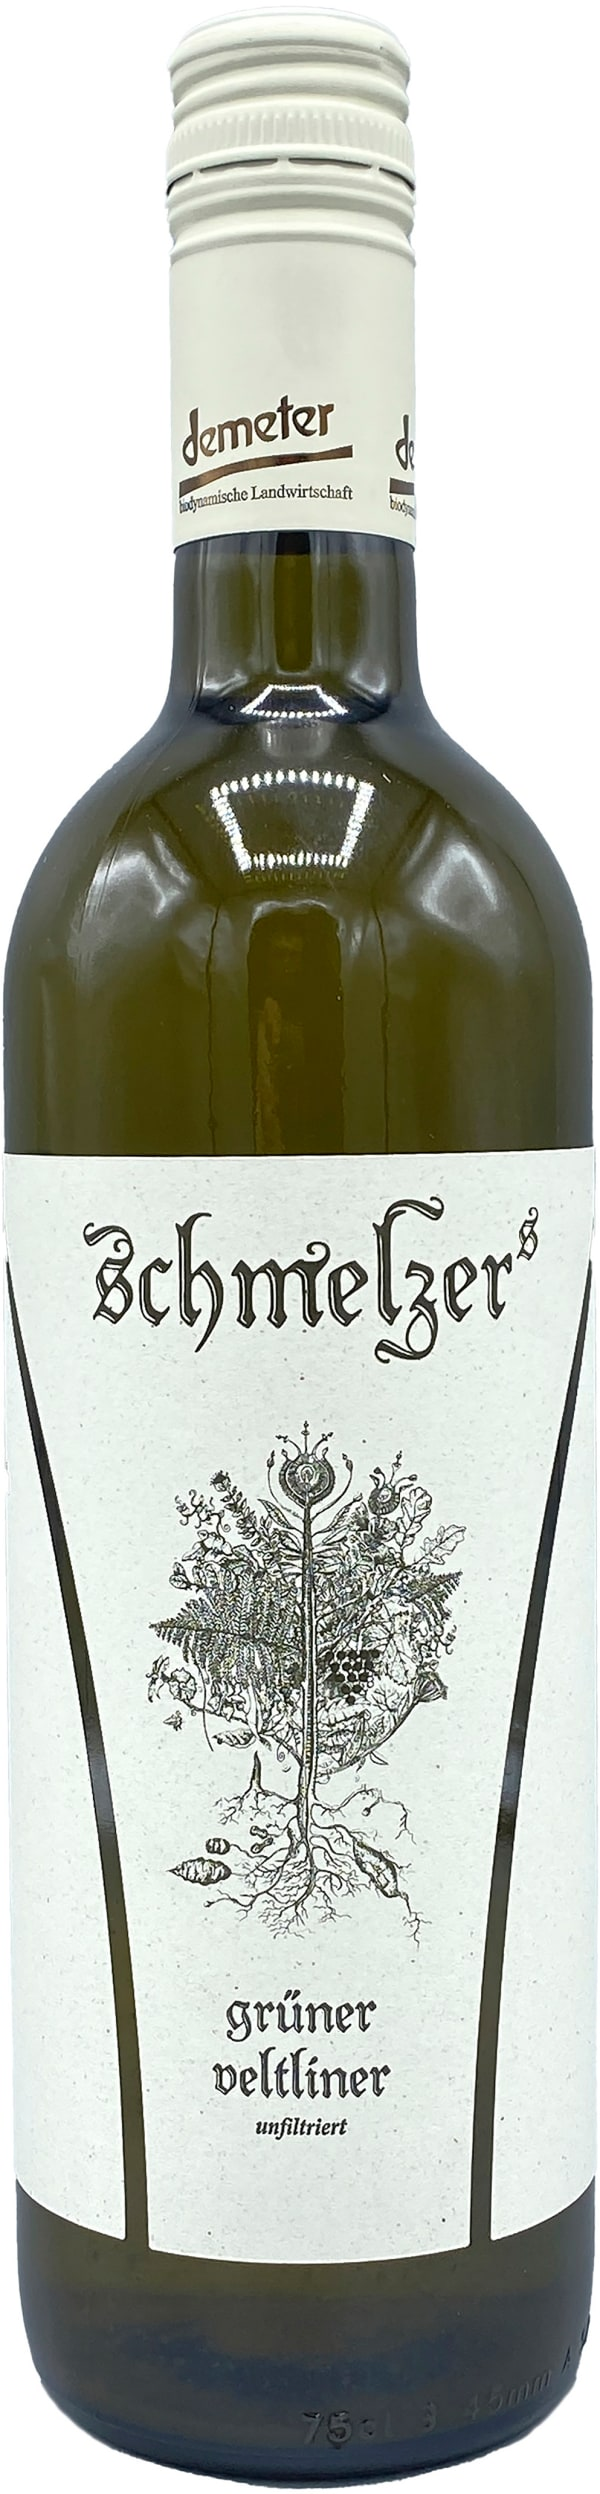 Schmelzer Gruner Veltliner 2018